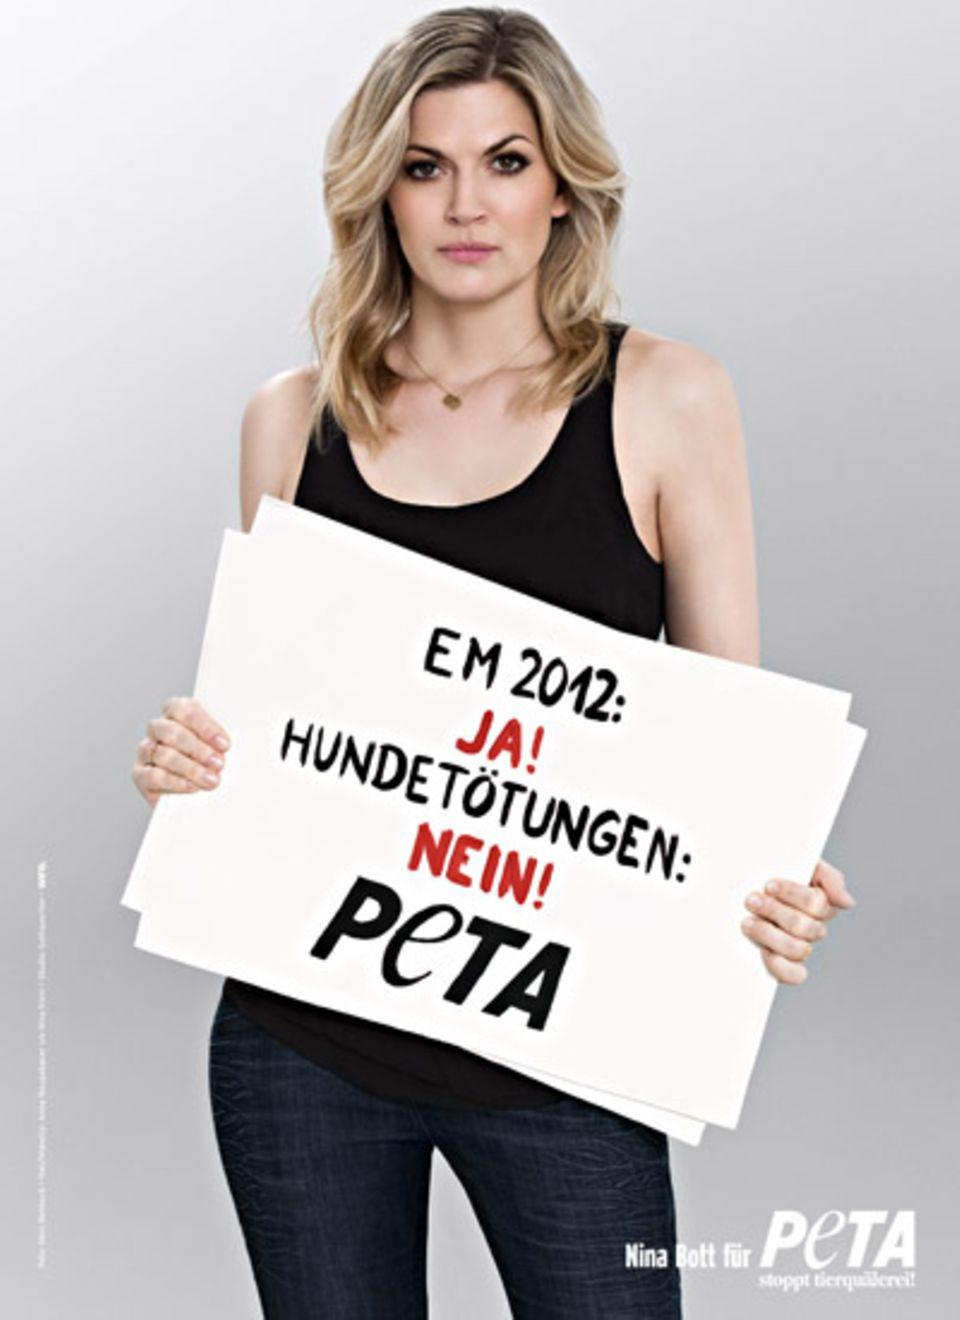 Schauspielerin Nina Bott guckt gerne Fußball, protestiert jedoch, wie viele ihrer Kollegen, gegen die Hundetötung im Gastgeberla